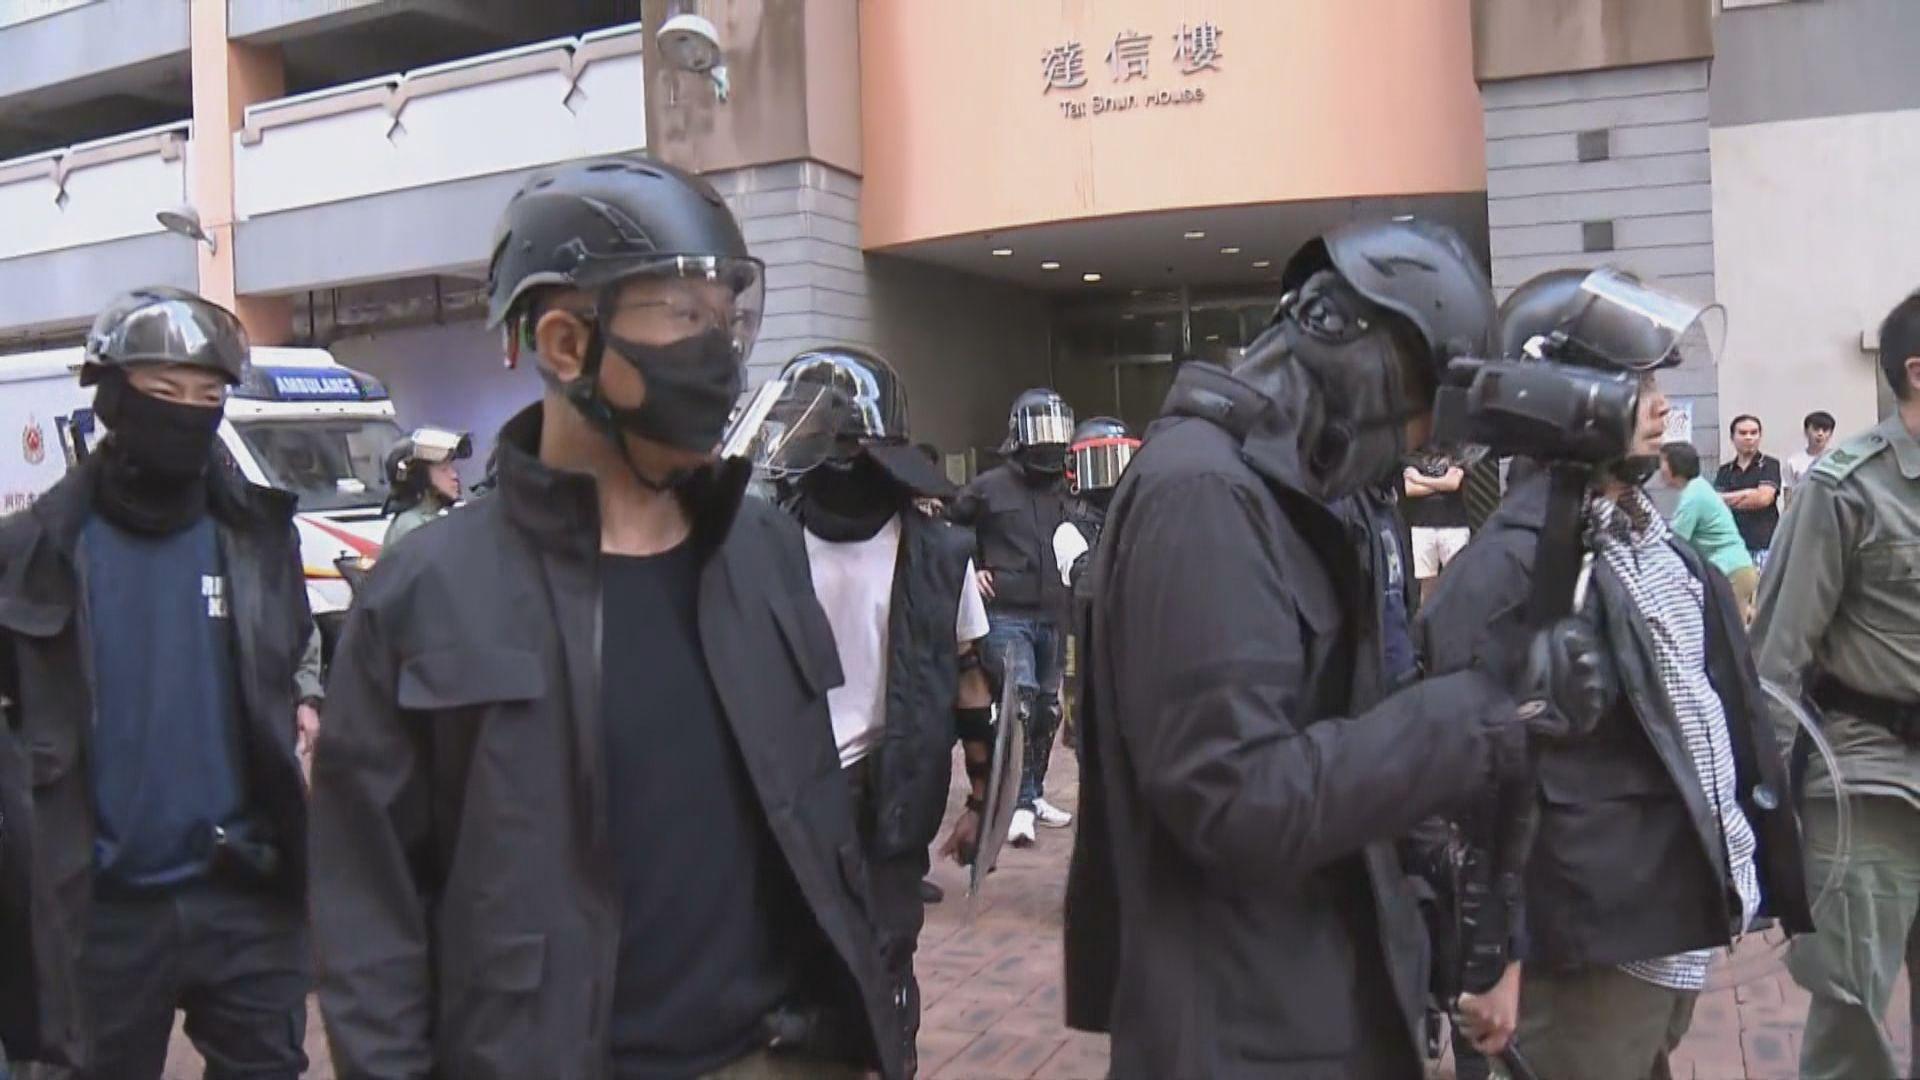 觀塘寶達選區有人爭執 大批防暴警察到場